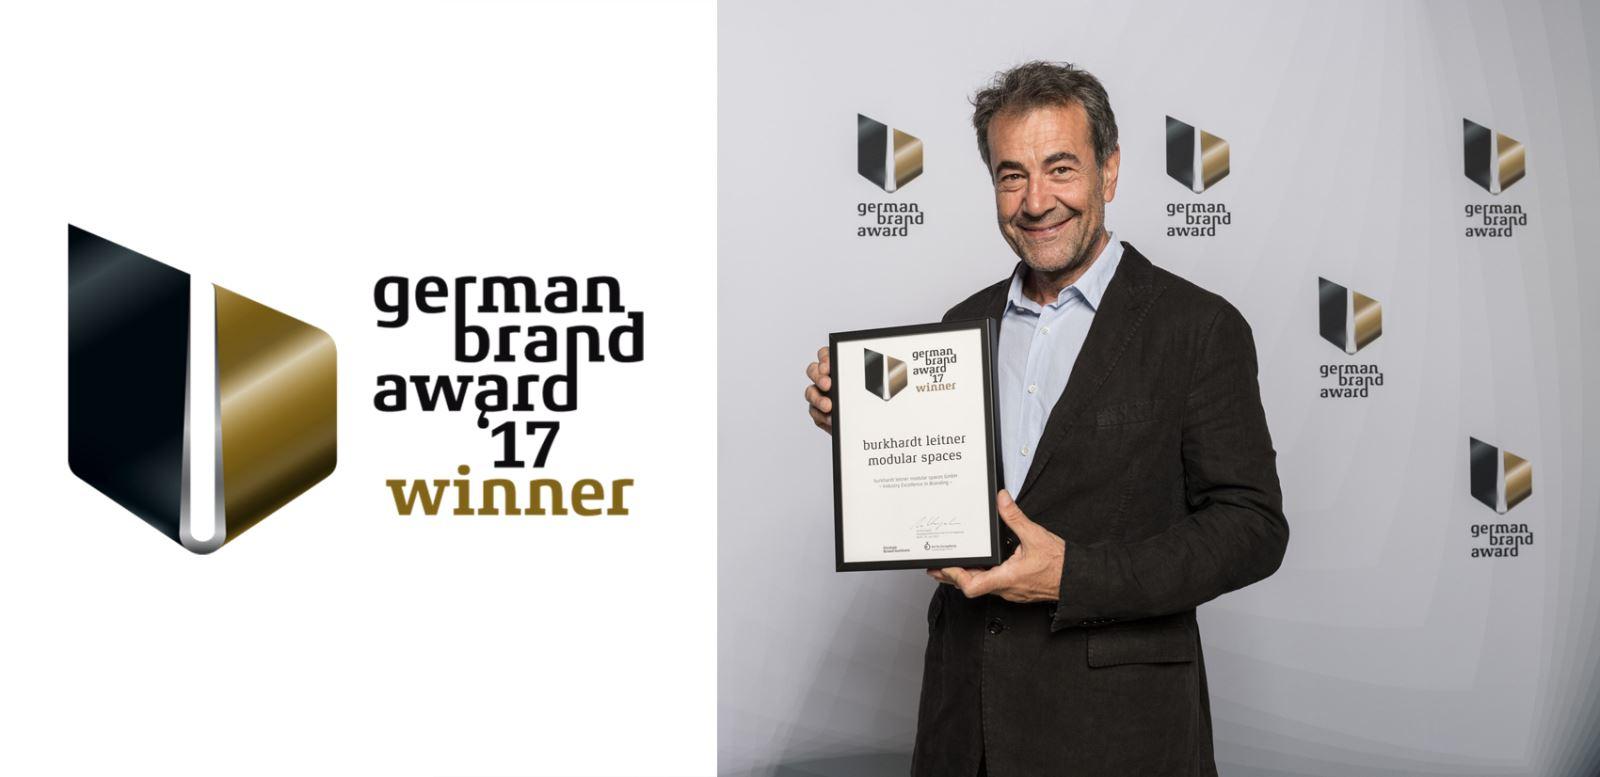 Wir wurden mit dem German Brand Award 2017 ausgezeichnet!